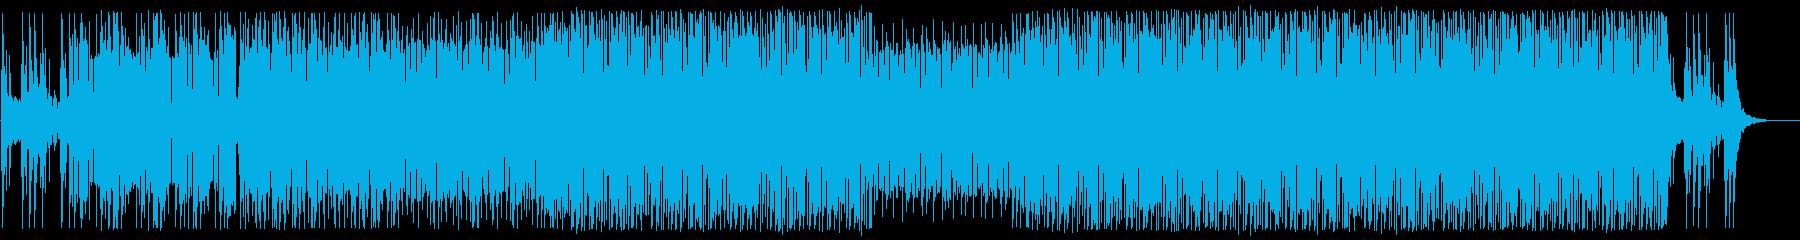 近代的サウンド切ないトラップミュージックの再生済みの波形